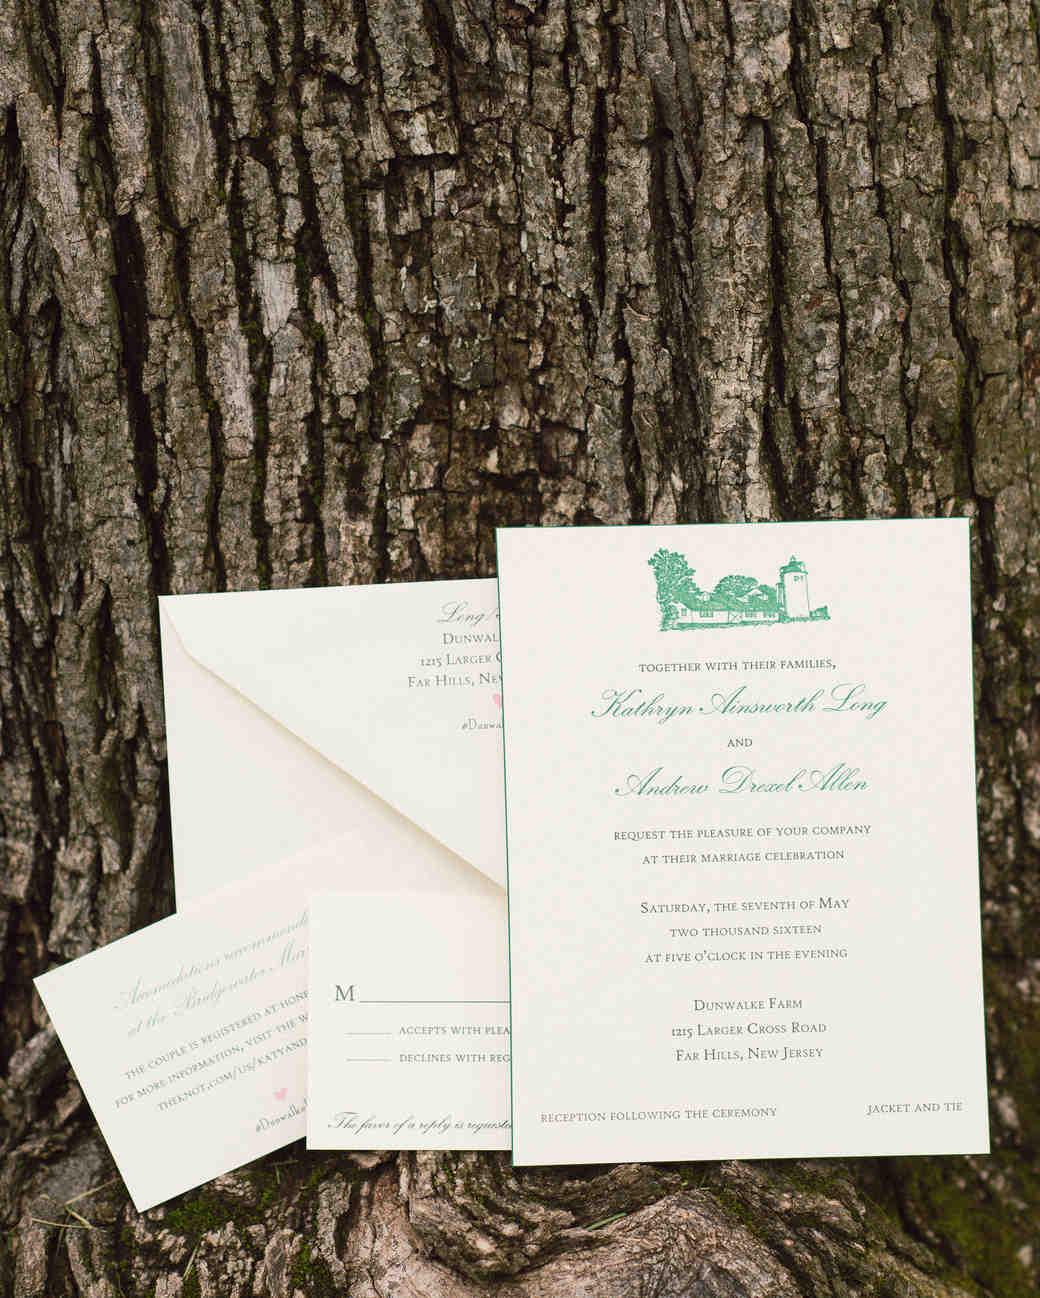 katy andrew wedding invite